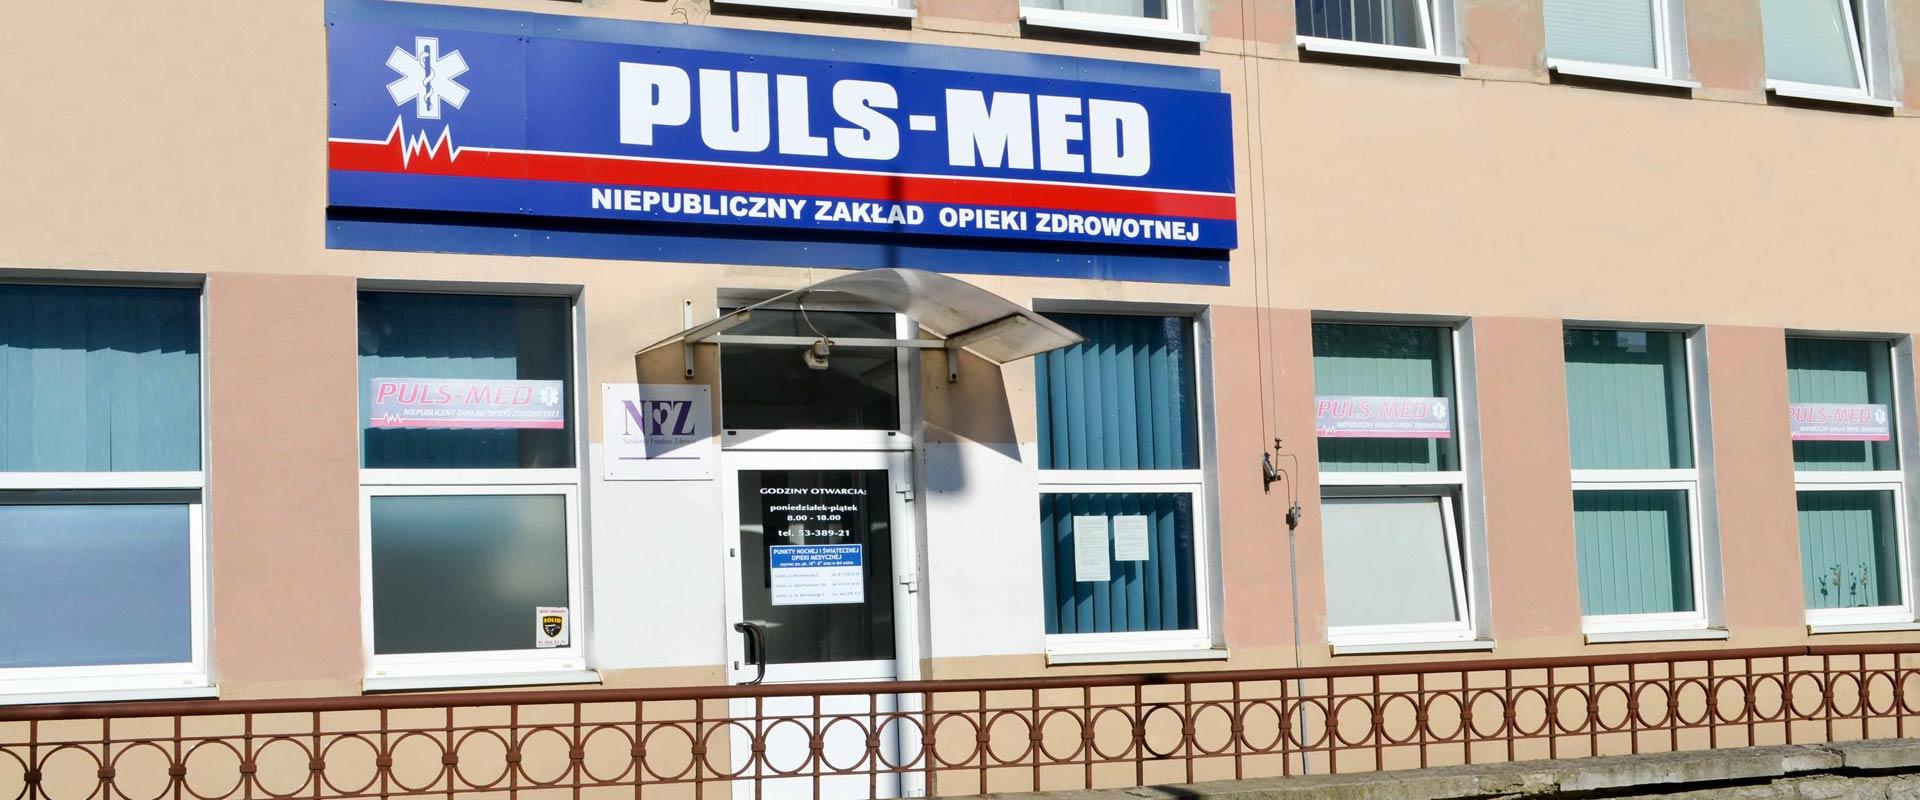 - Przychodnia lekarza rodzinnego Puls-Med - Lublin